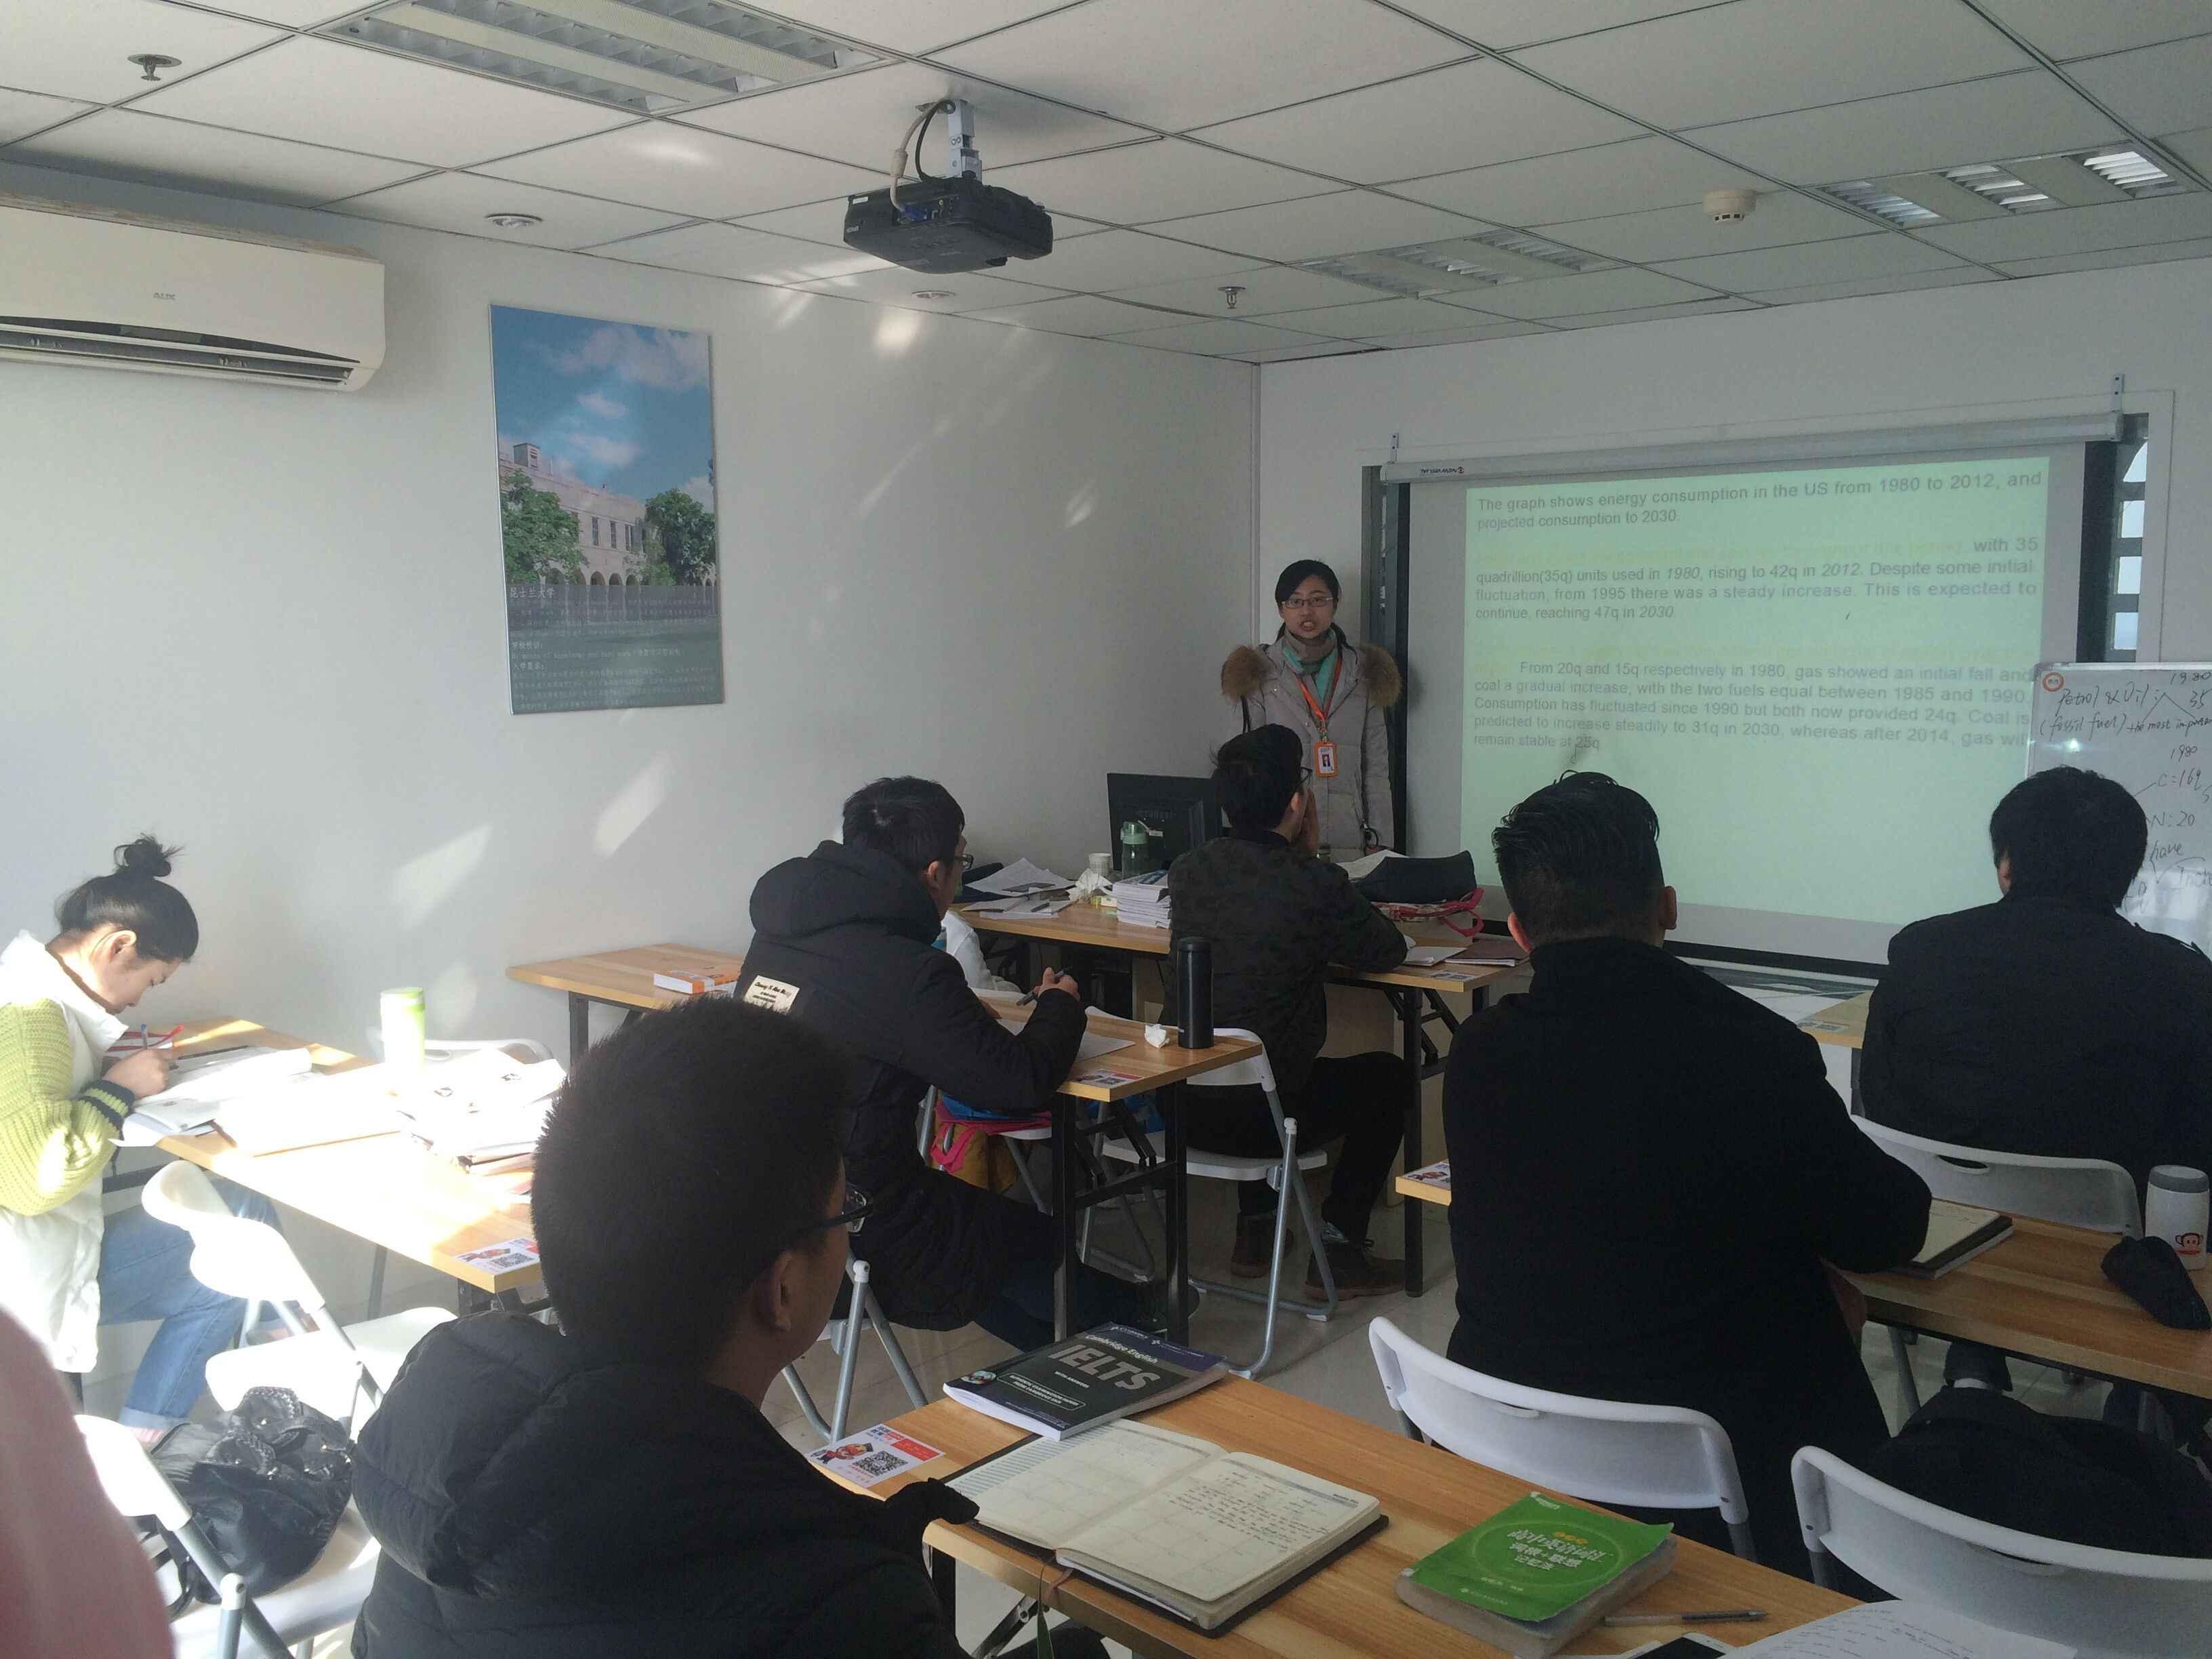 淮安市清江浦区环球雅思培训中心